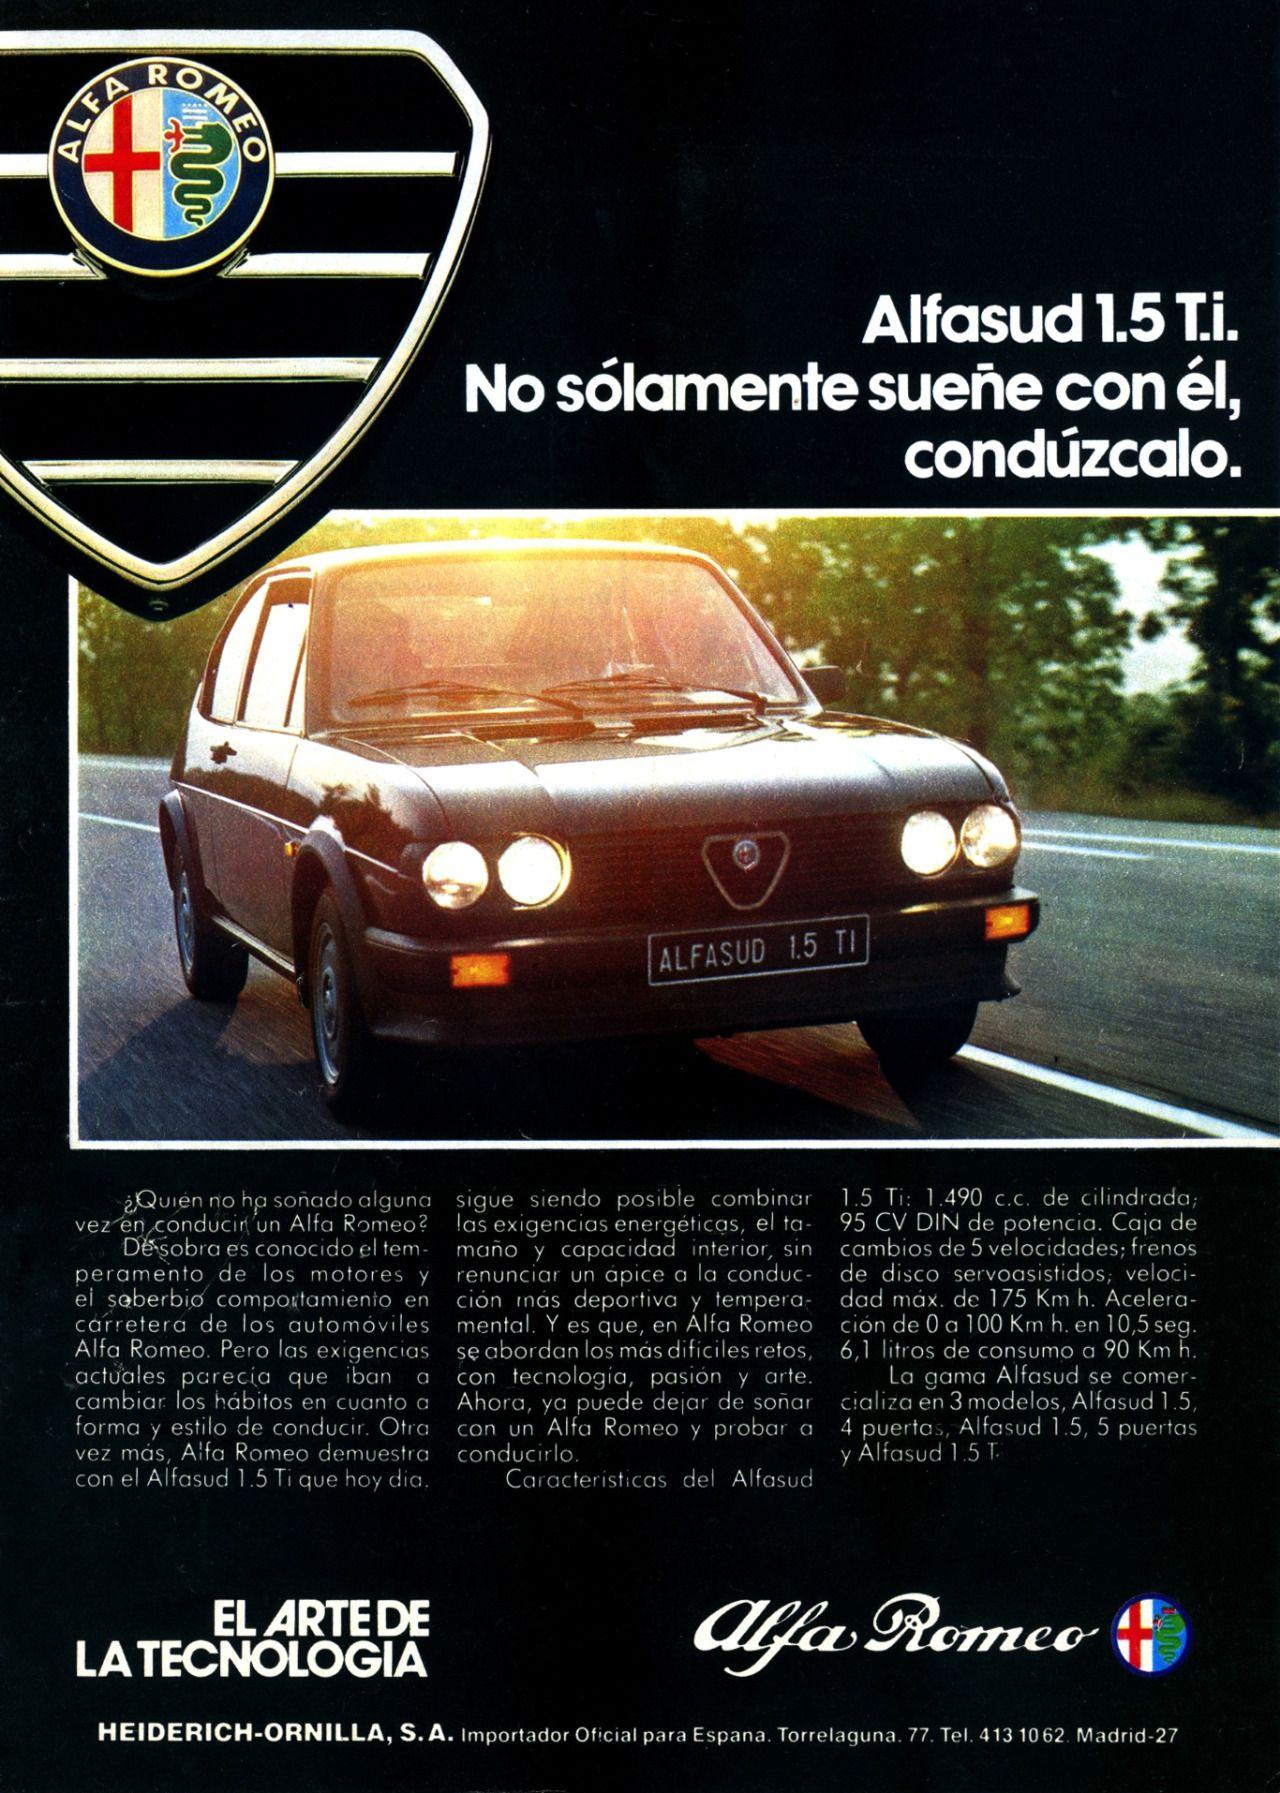 Alfa Romeo Alfasud 1980s ALFA ROMEO Alfasud